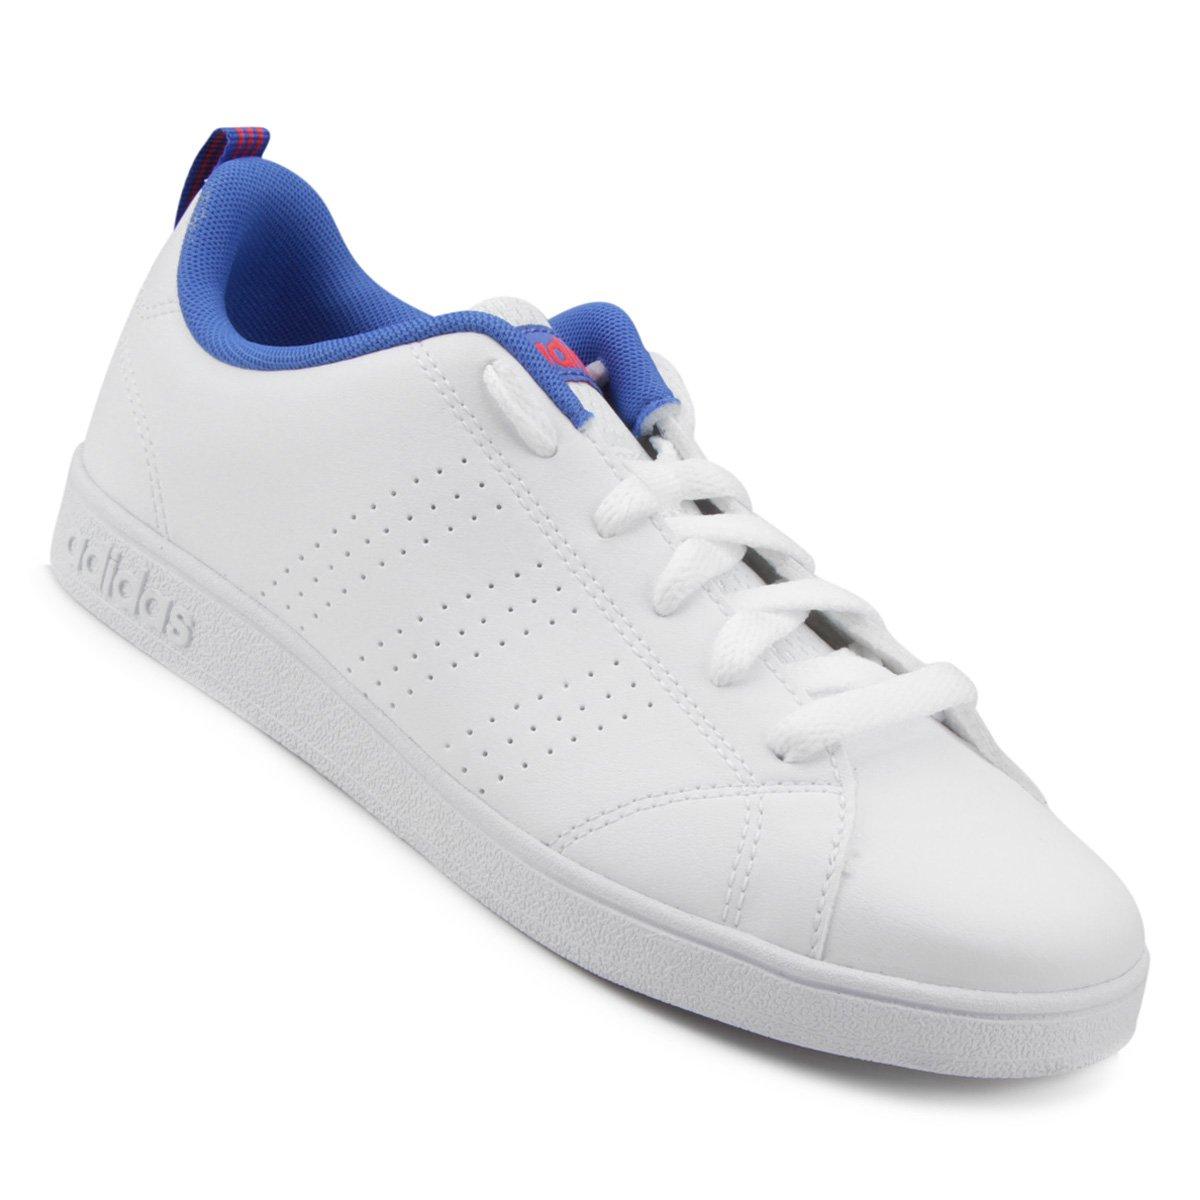 3a05b9214e5 Tênis Adidas Vs Advantage Clean K Infantil - Branco e Azul - Compre Agora